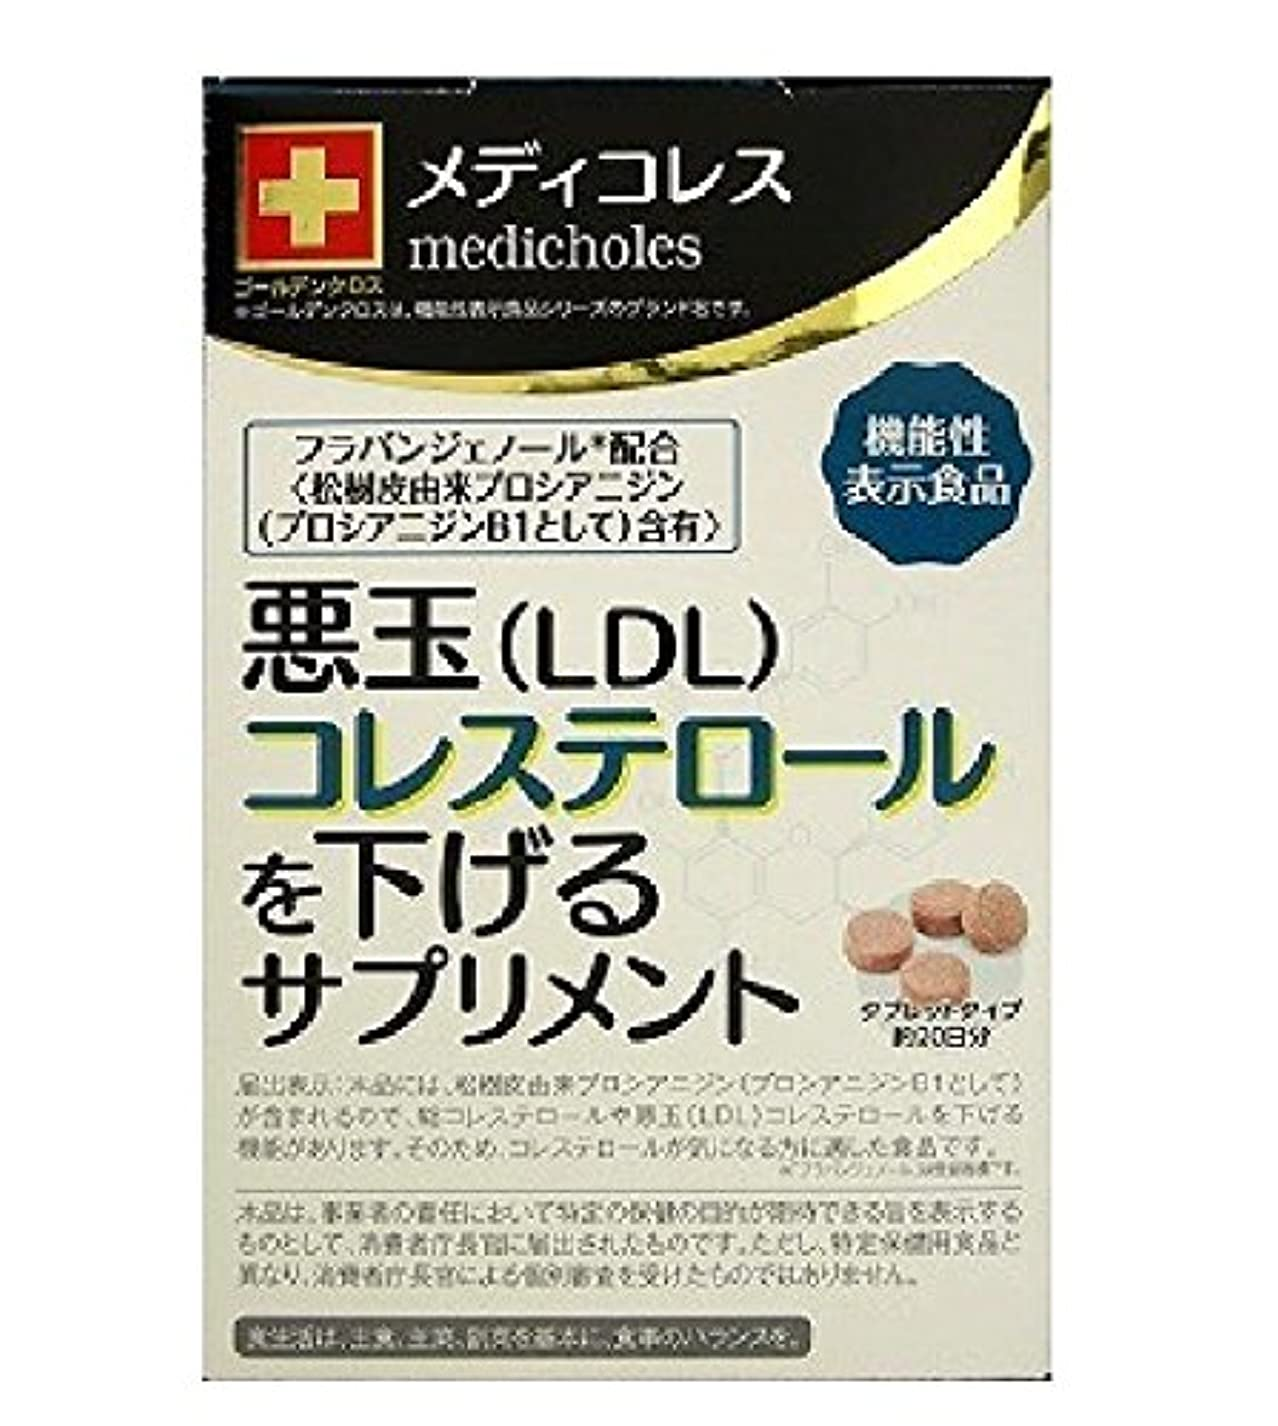 周辺より多い浴東洋新薬 メディコレス 250mgx80粒 [機能性表示食品]